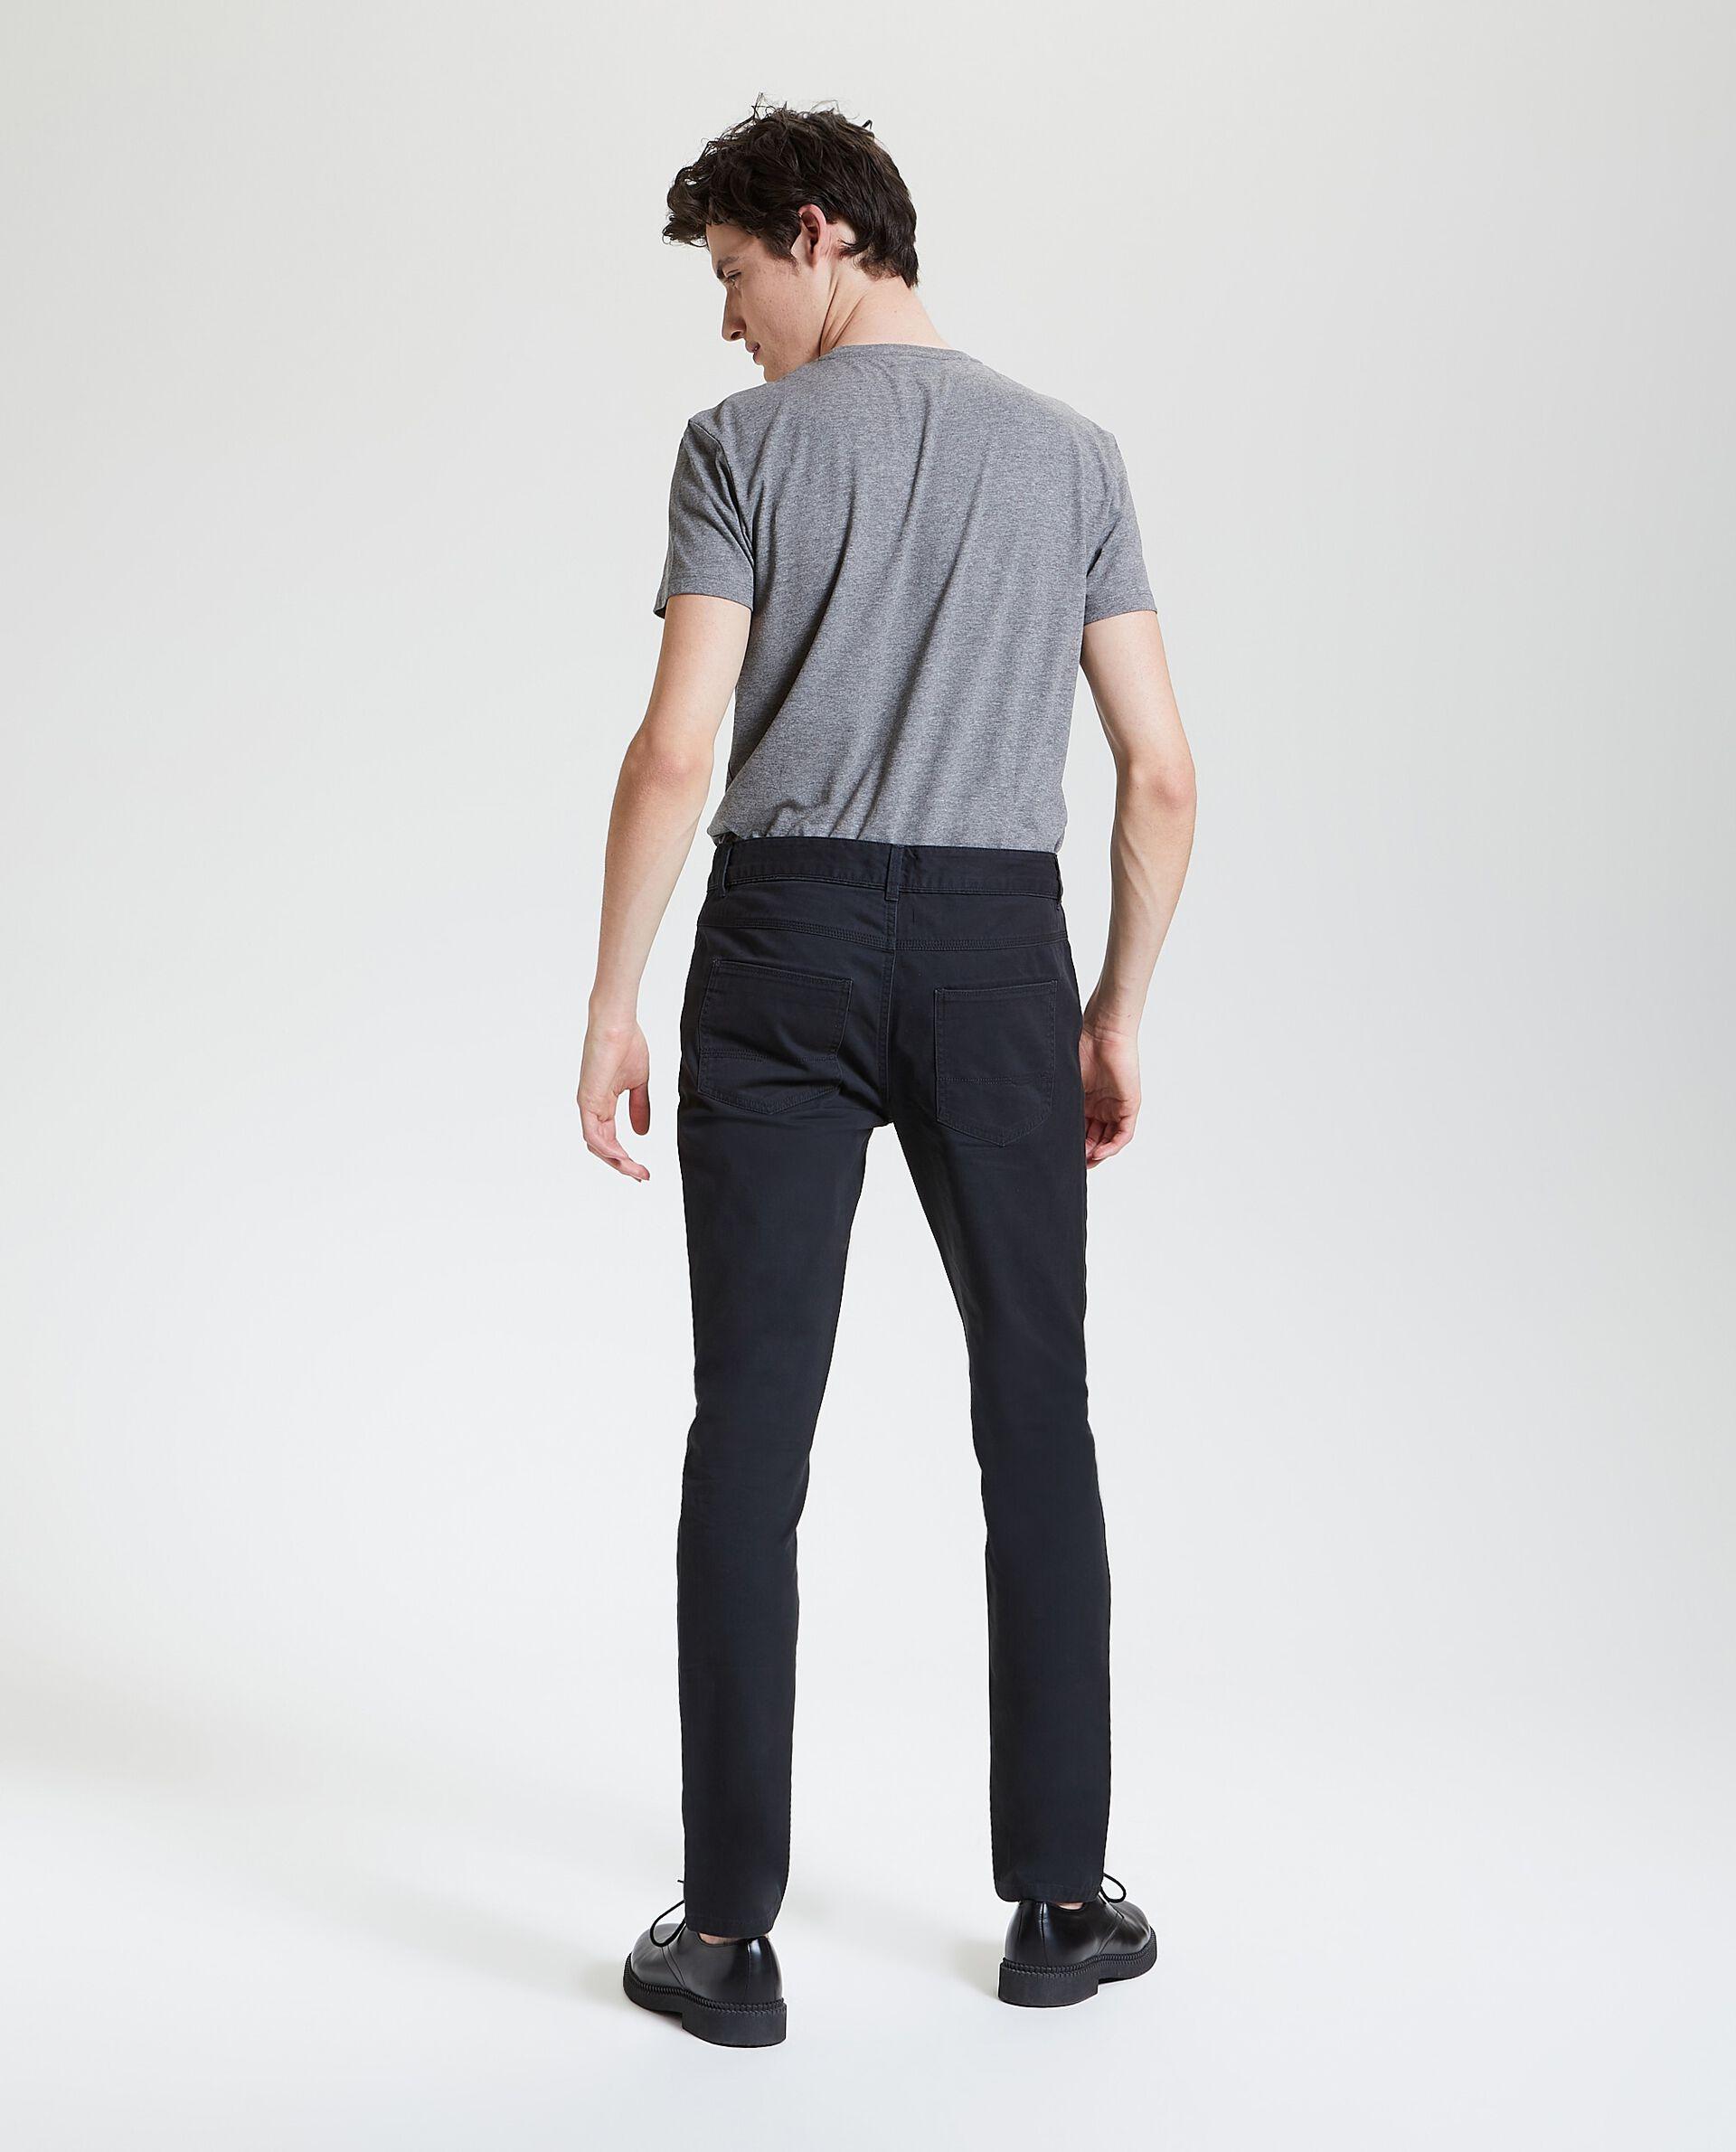 Pantaloni puro cotone con cinque tasche uomo